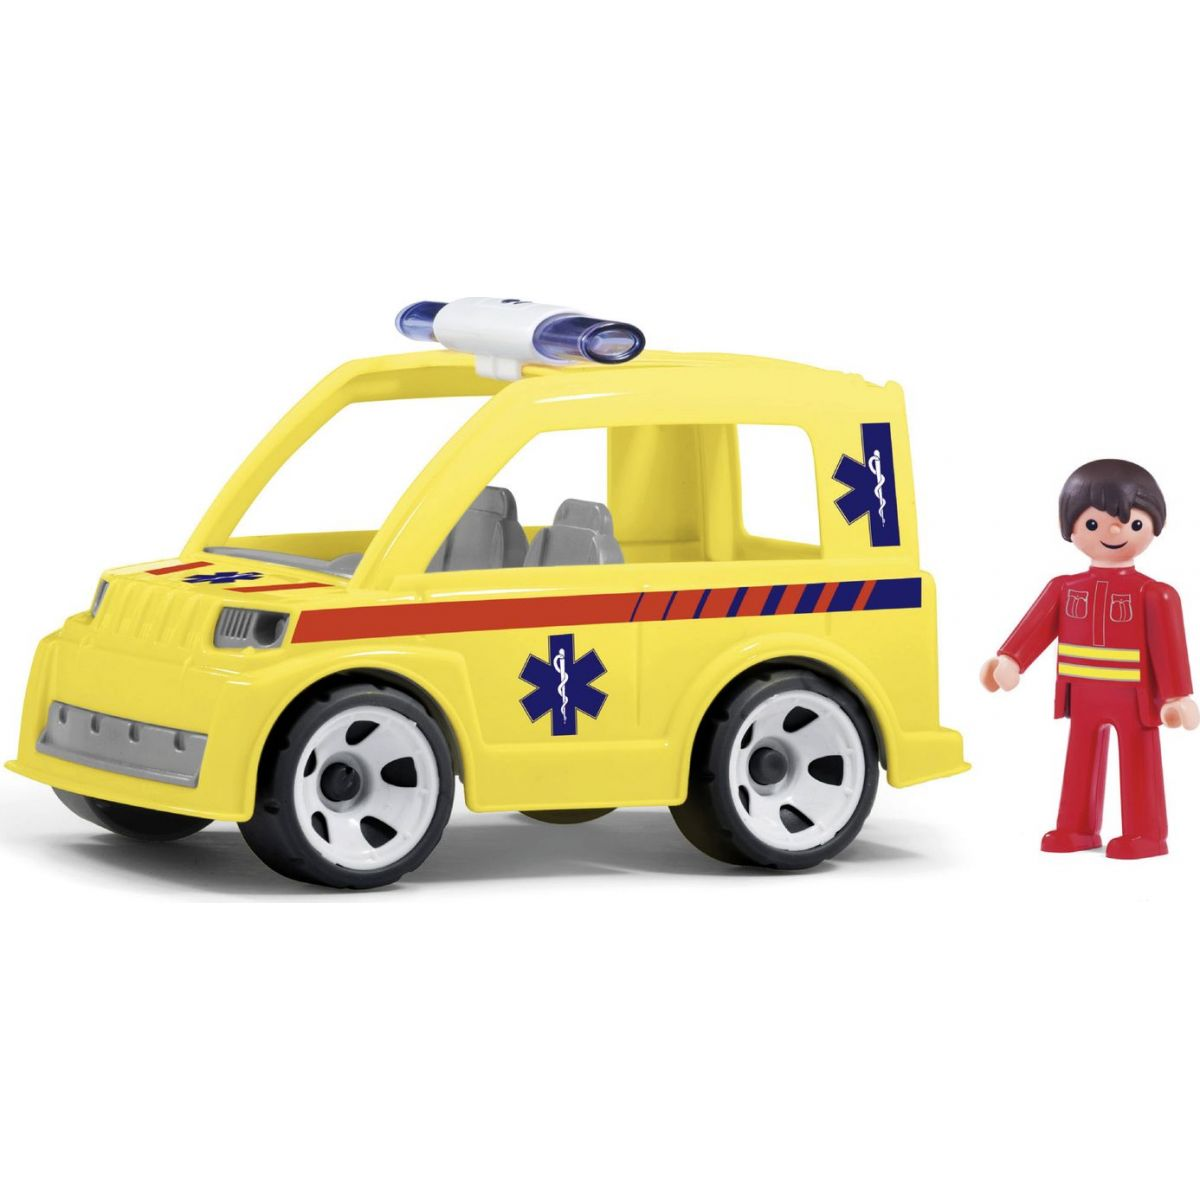 Igráček Ambulancia so záchranárom